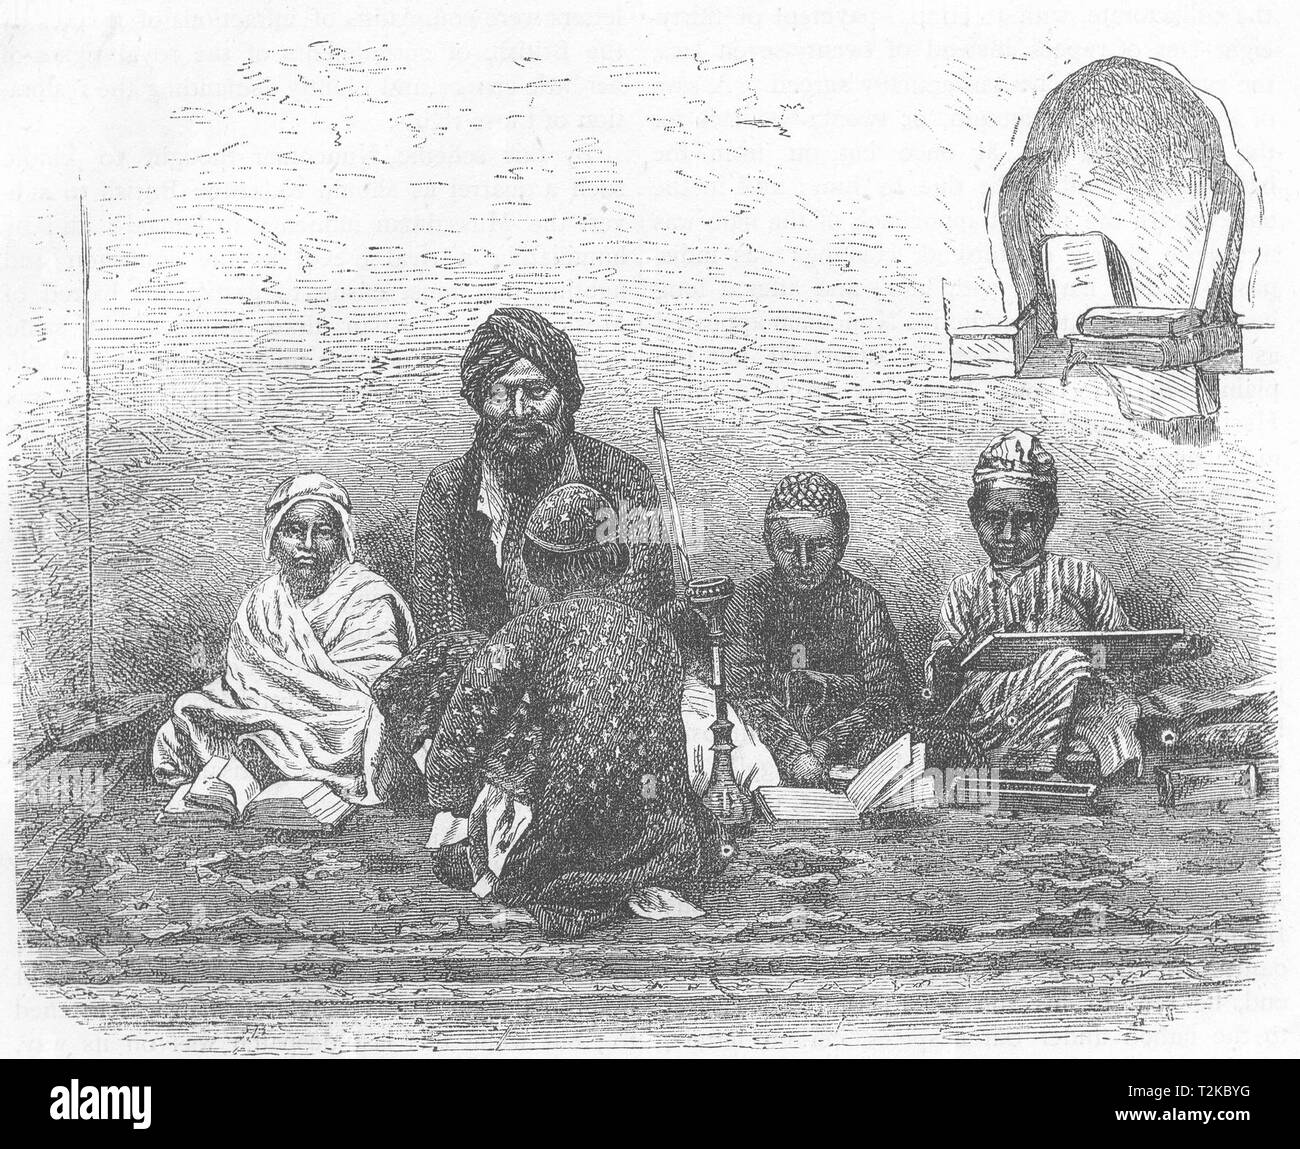 INDIA. Scuola Mussulman Allahabad c1880 antica vintage delle immagini di stampa Immagini Stock